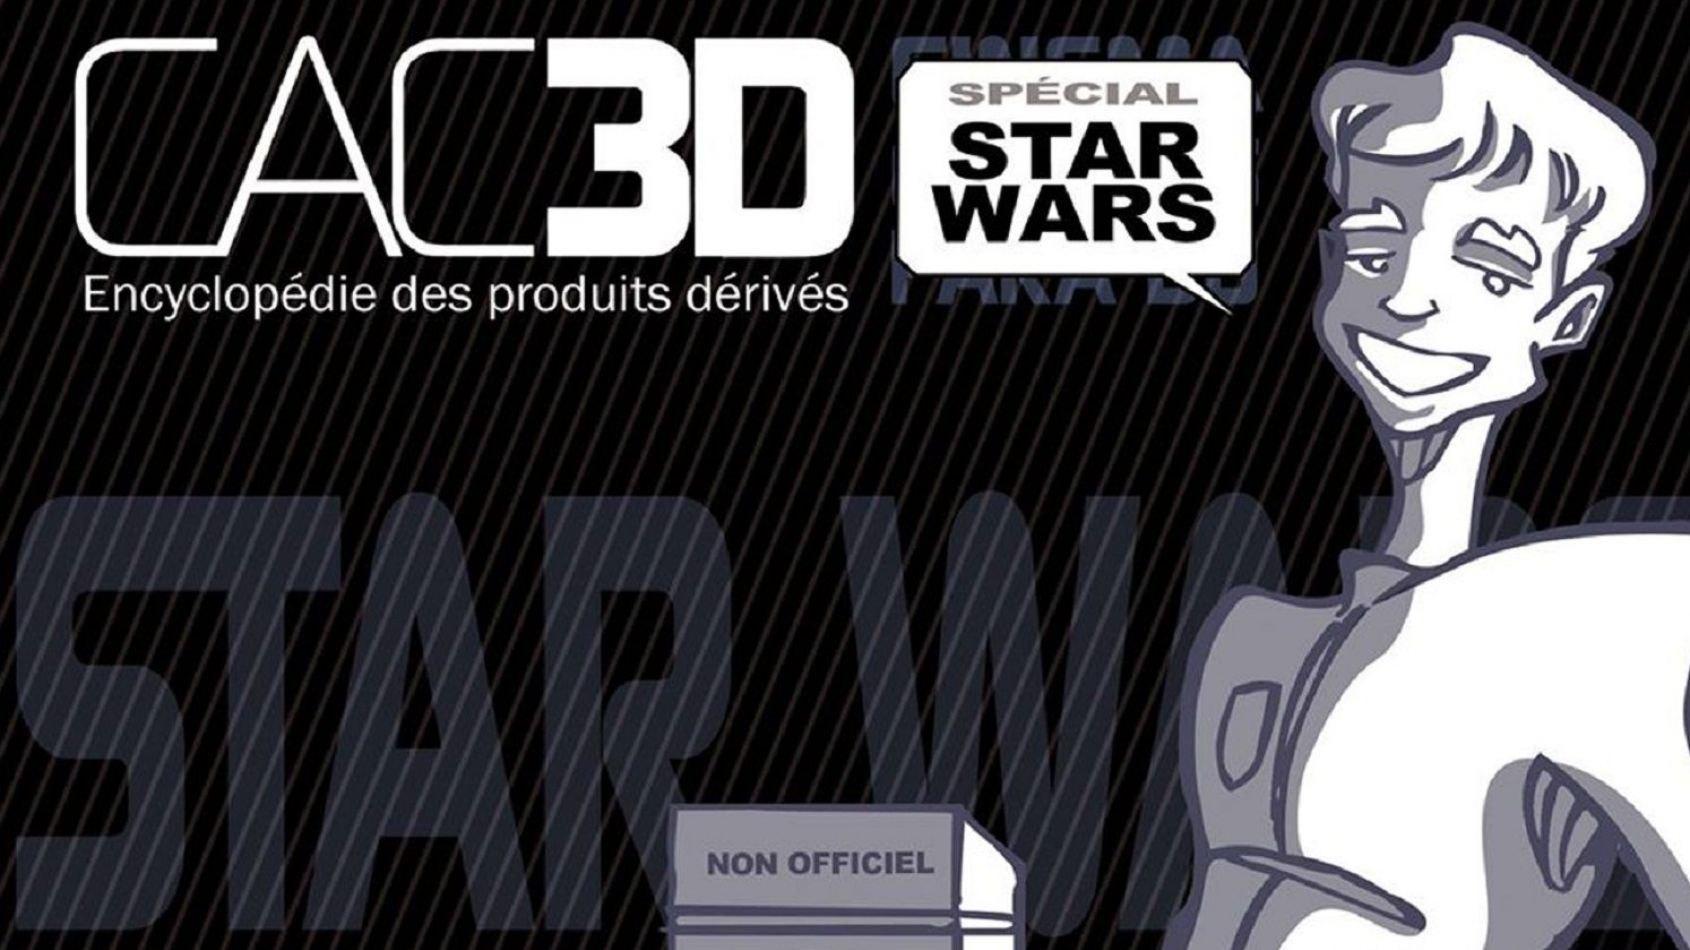 Cote-a-cas : Sortie de CAC3D Star Wars